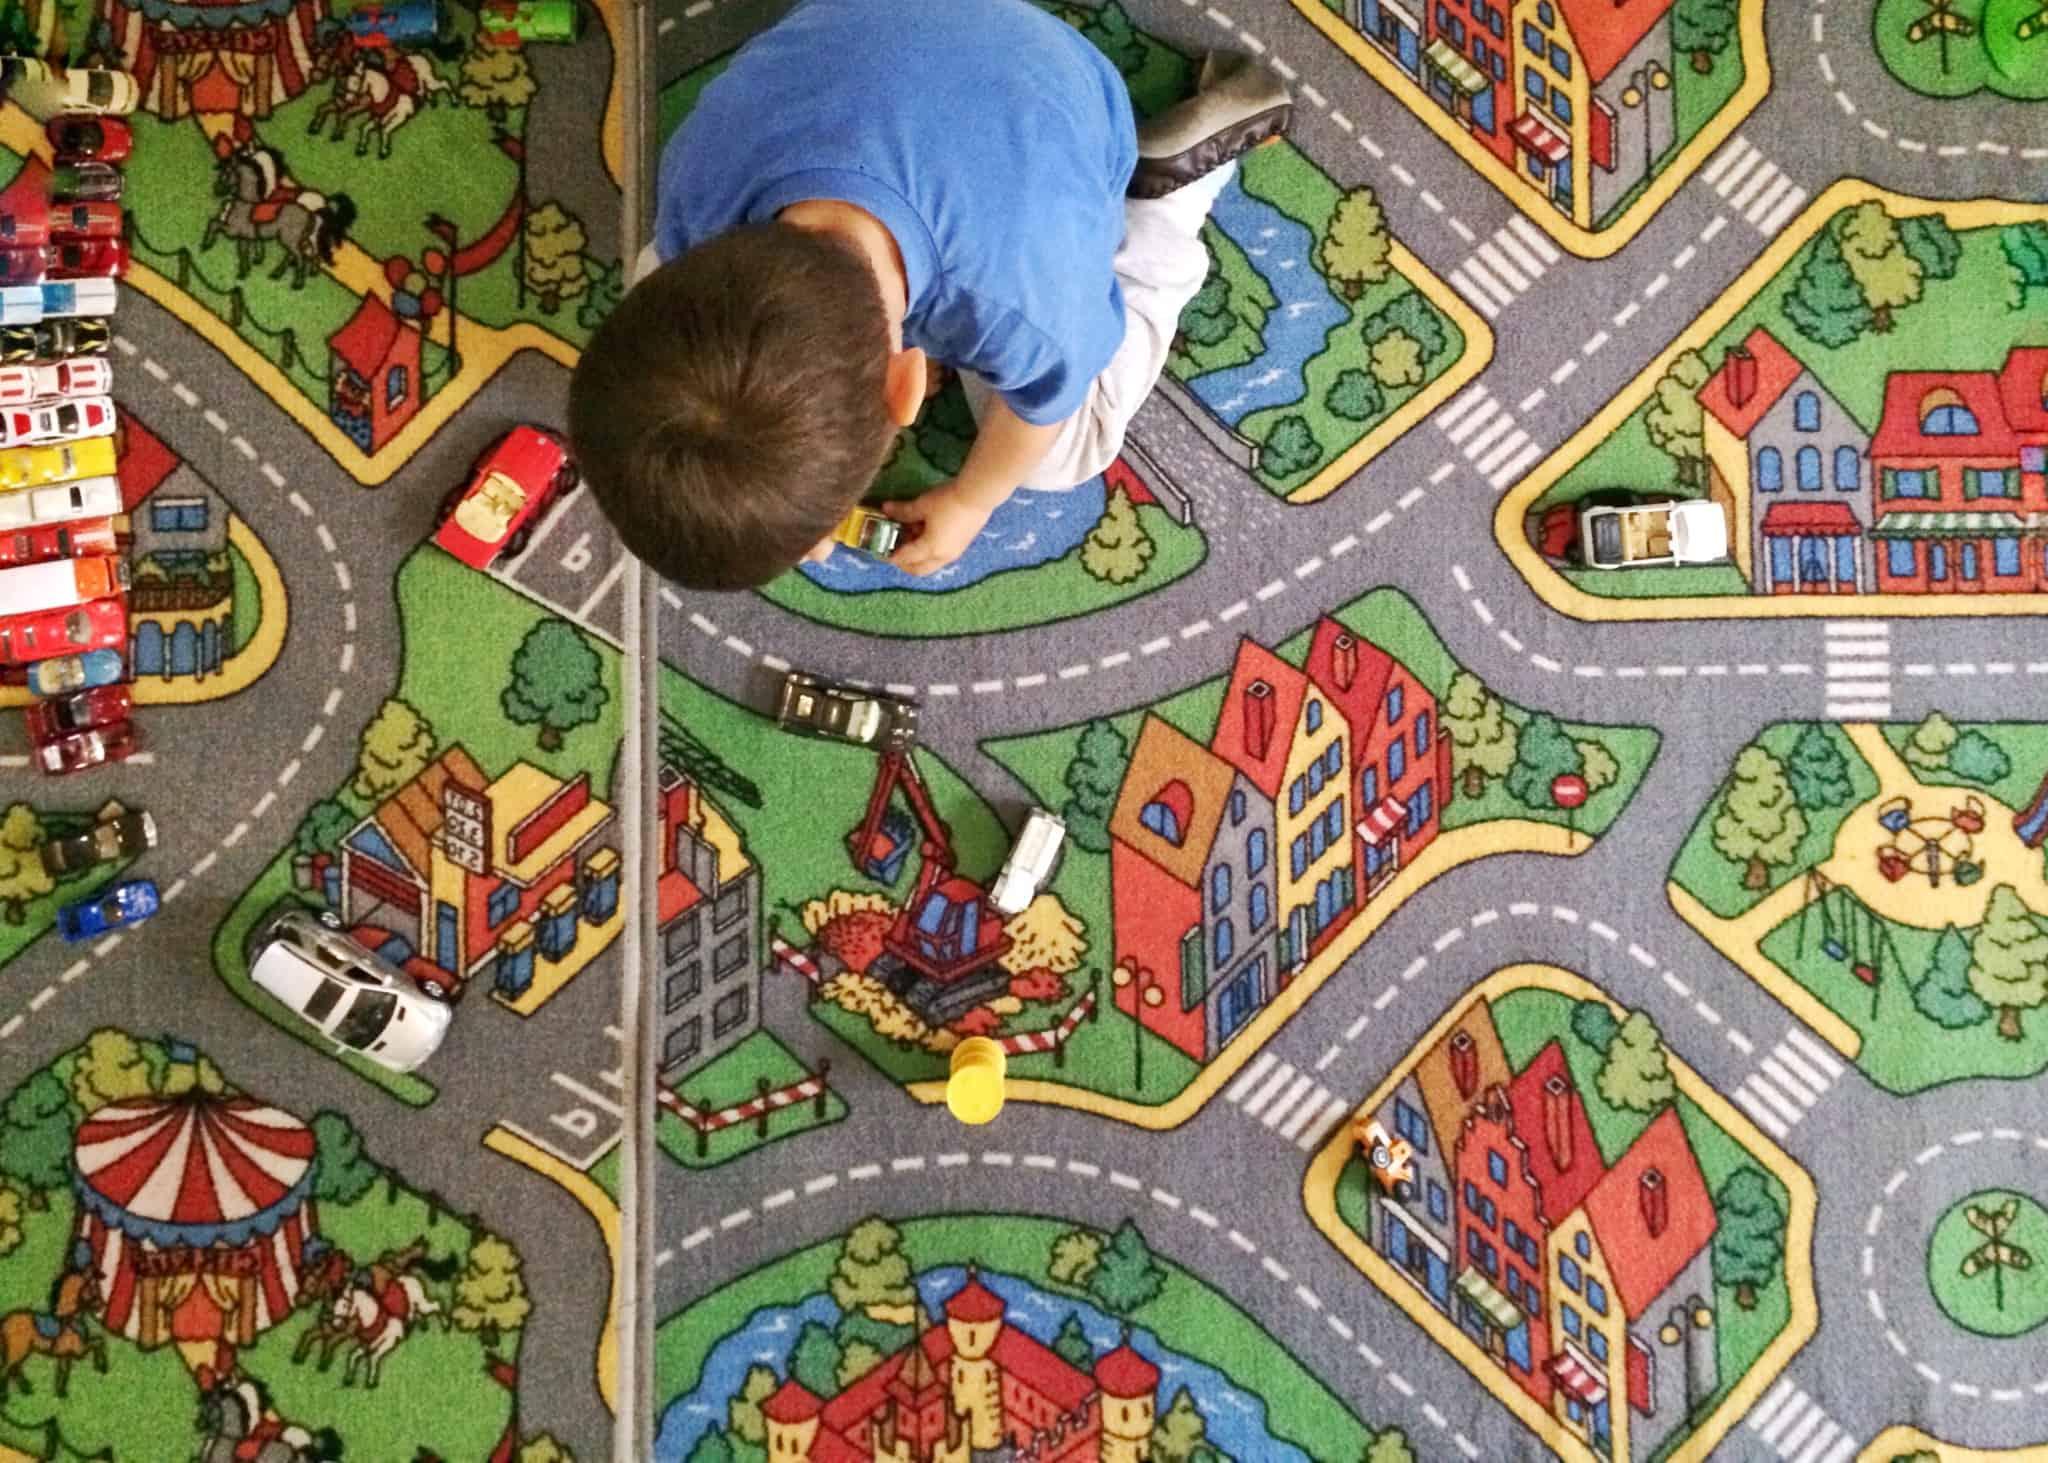 criança a brincar num tapete de uma cidade